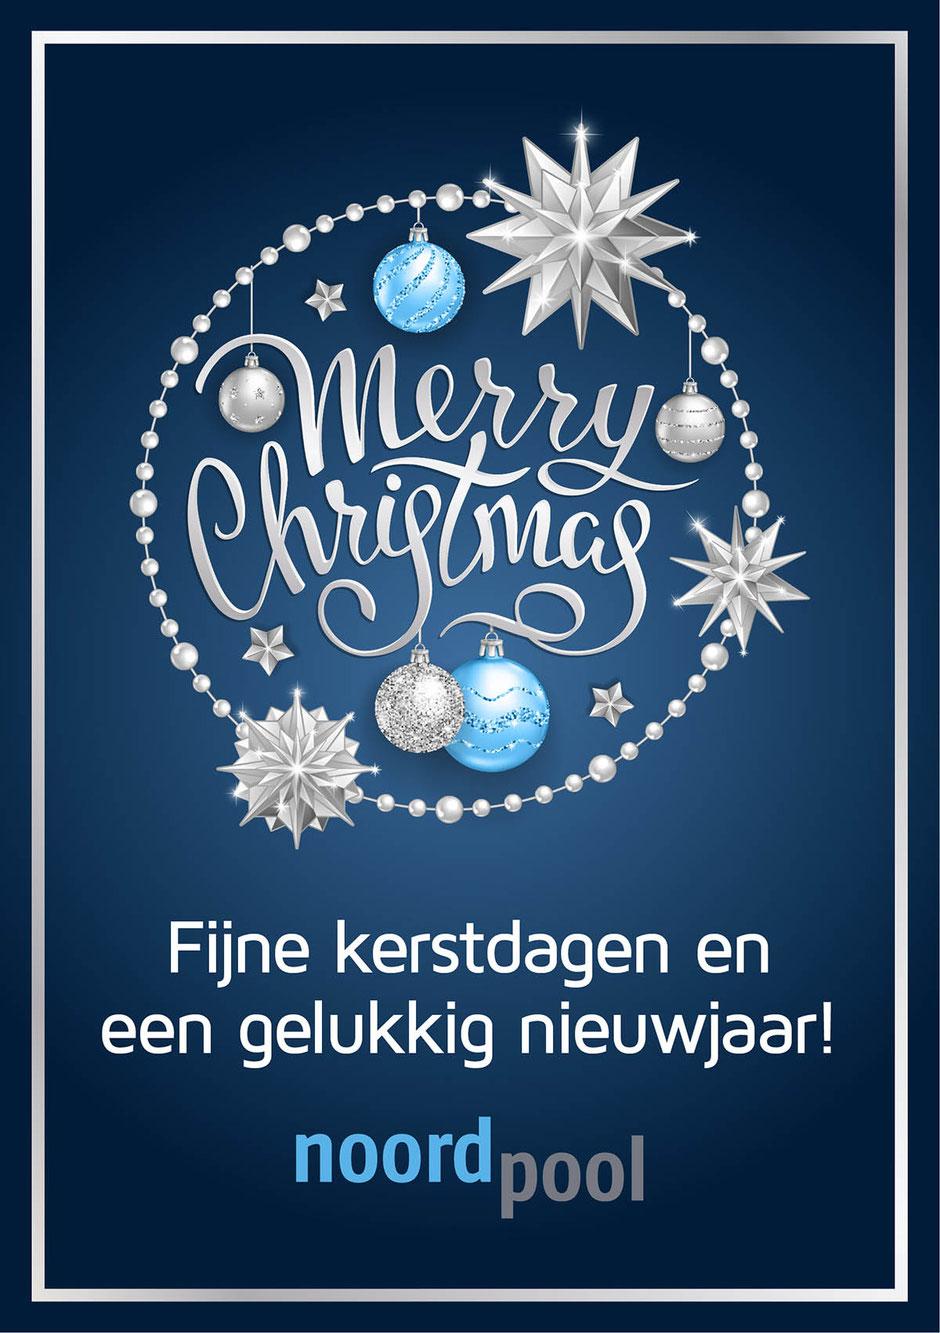 Fijne kerstdagen en een gelukkig nieuwjaar!